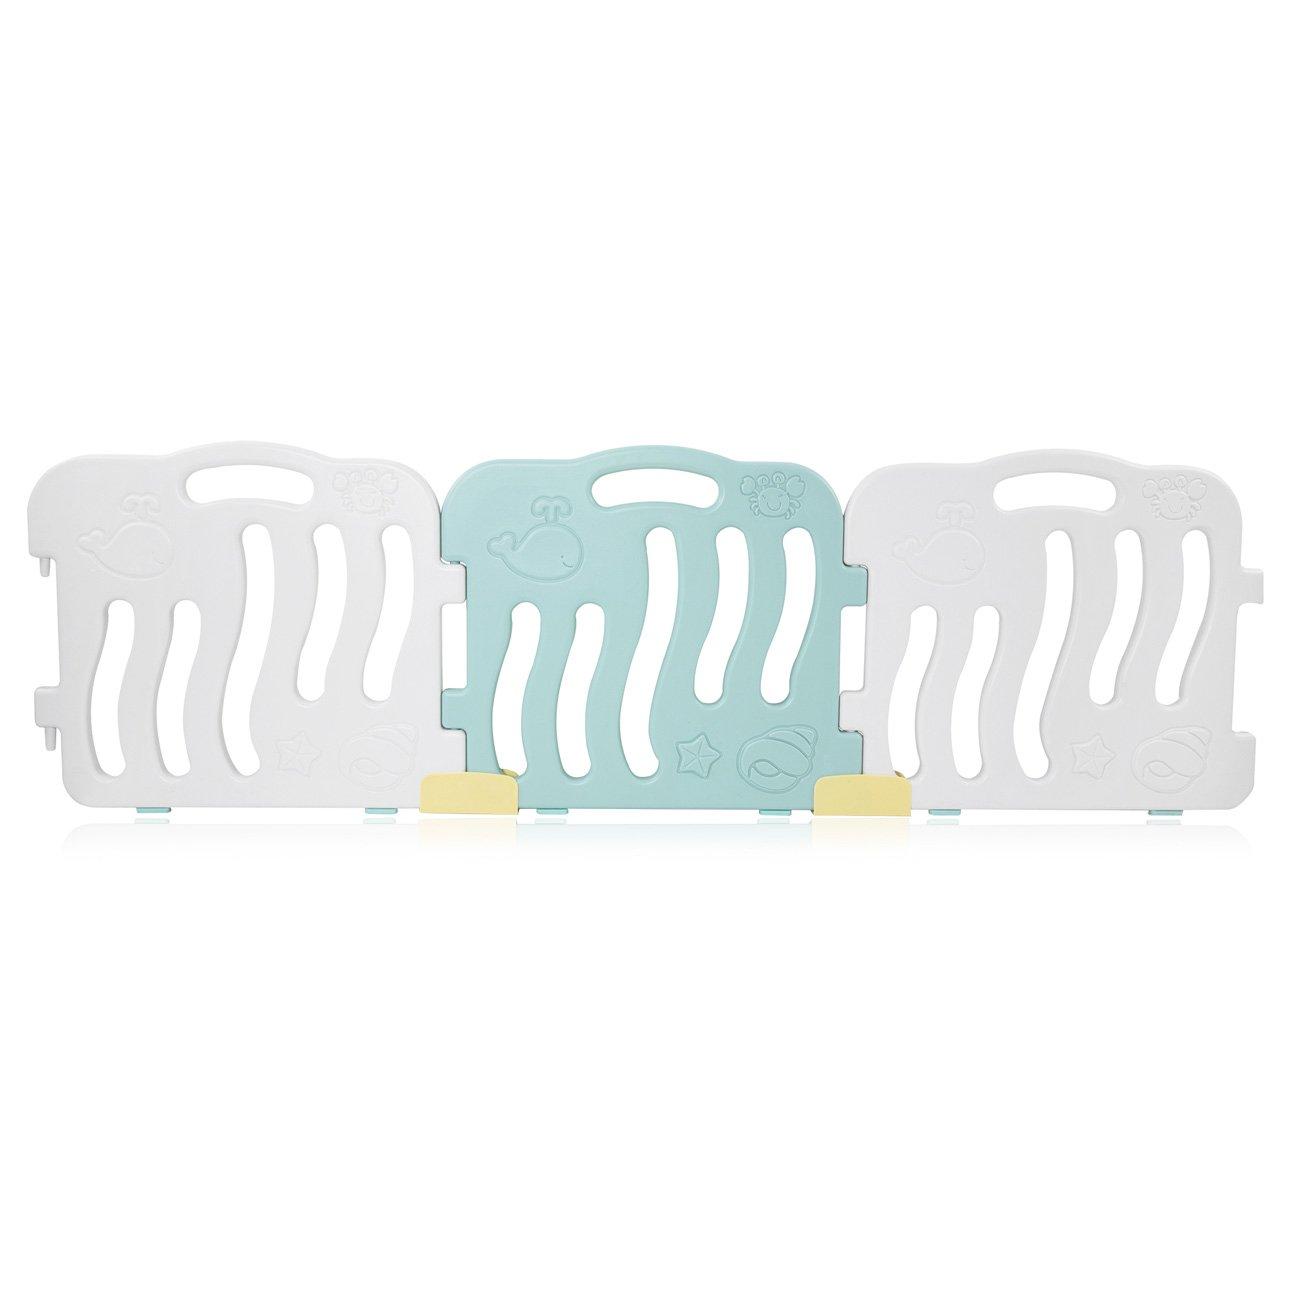 Baby Vivo Laufgitter Laufstall Baby Absperrgitter Krabbelgitter Schutzgitter Schutzgitter Schutzgitter für Kinder aus Kunststoff mit Tür und Spielzeug 14 Elemente in Türkis Weiß - Bailey 5b8360